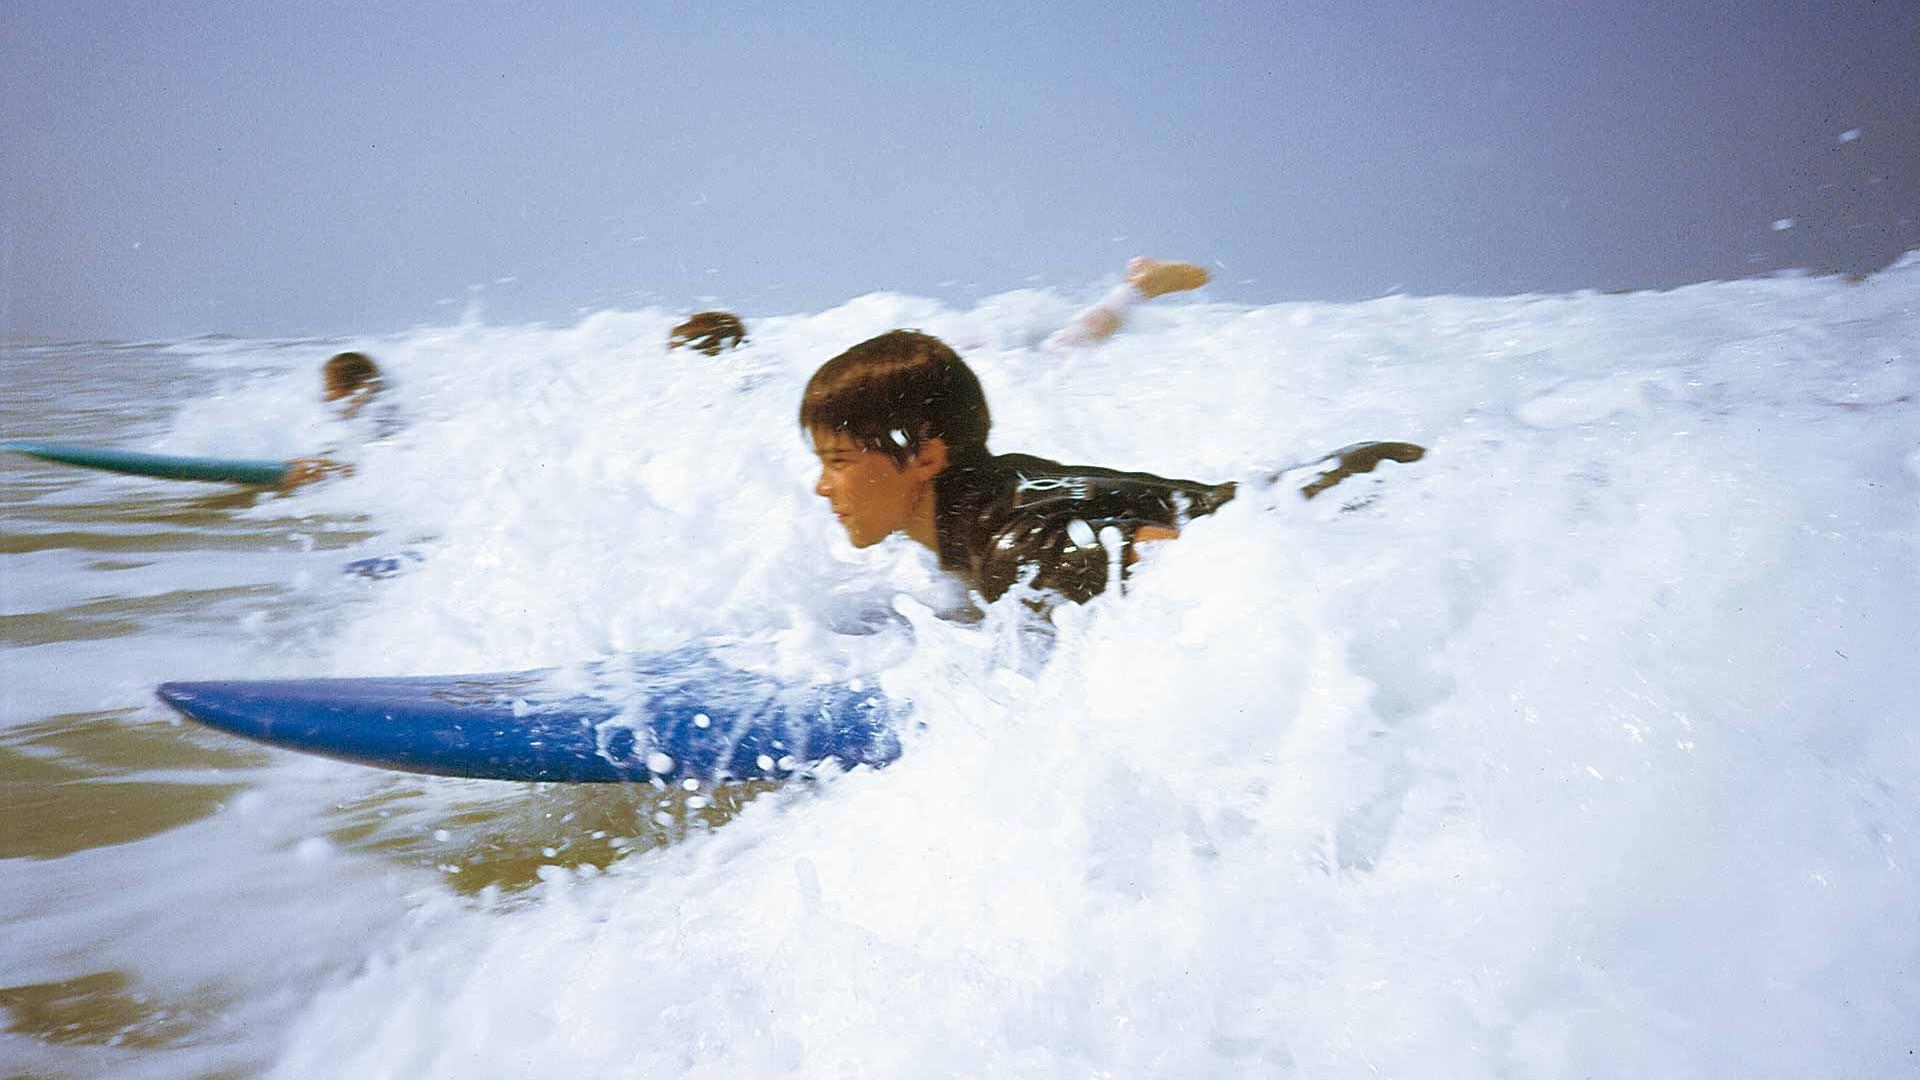 Slide sport